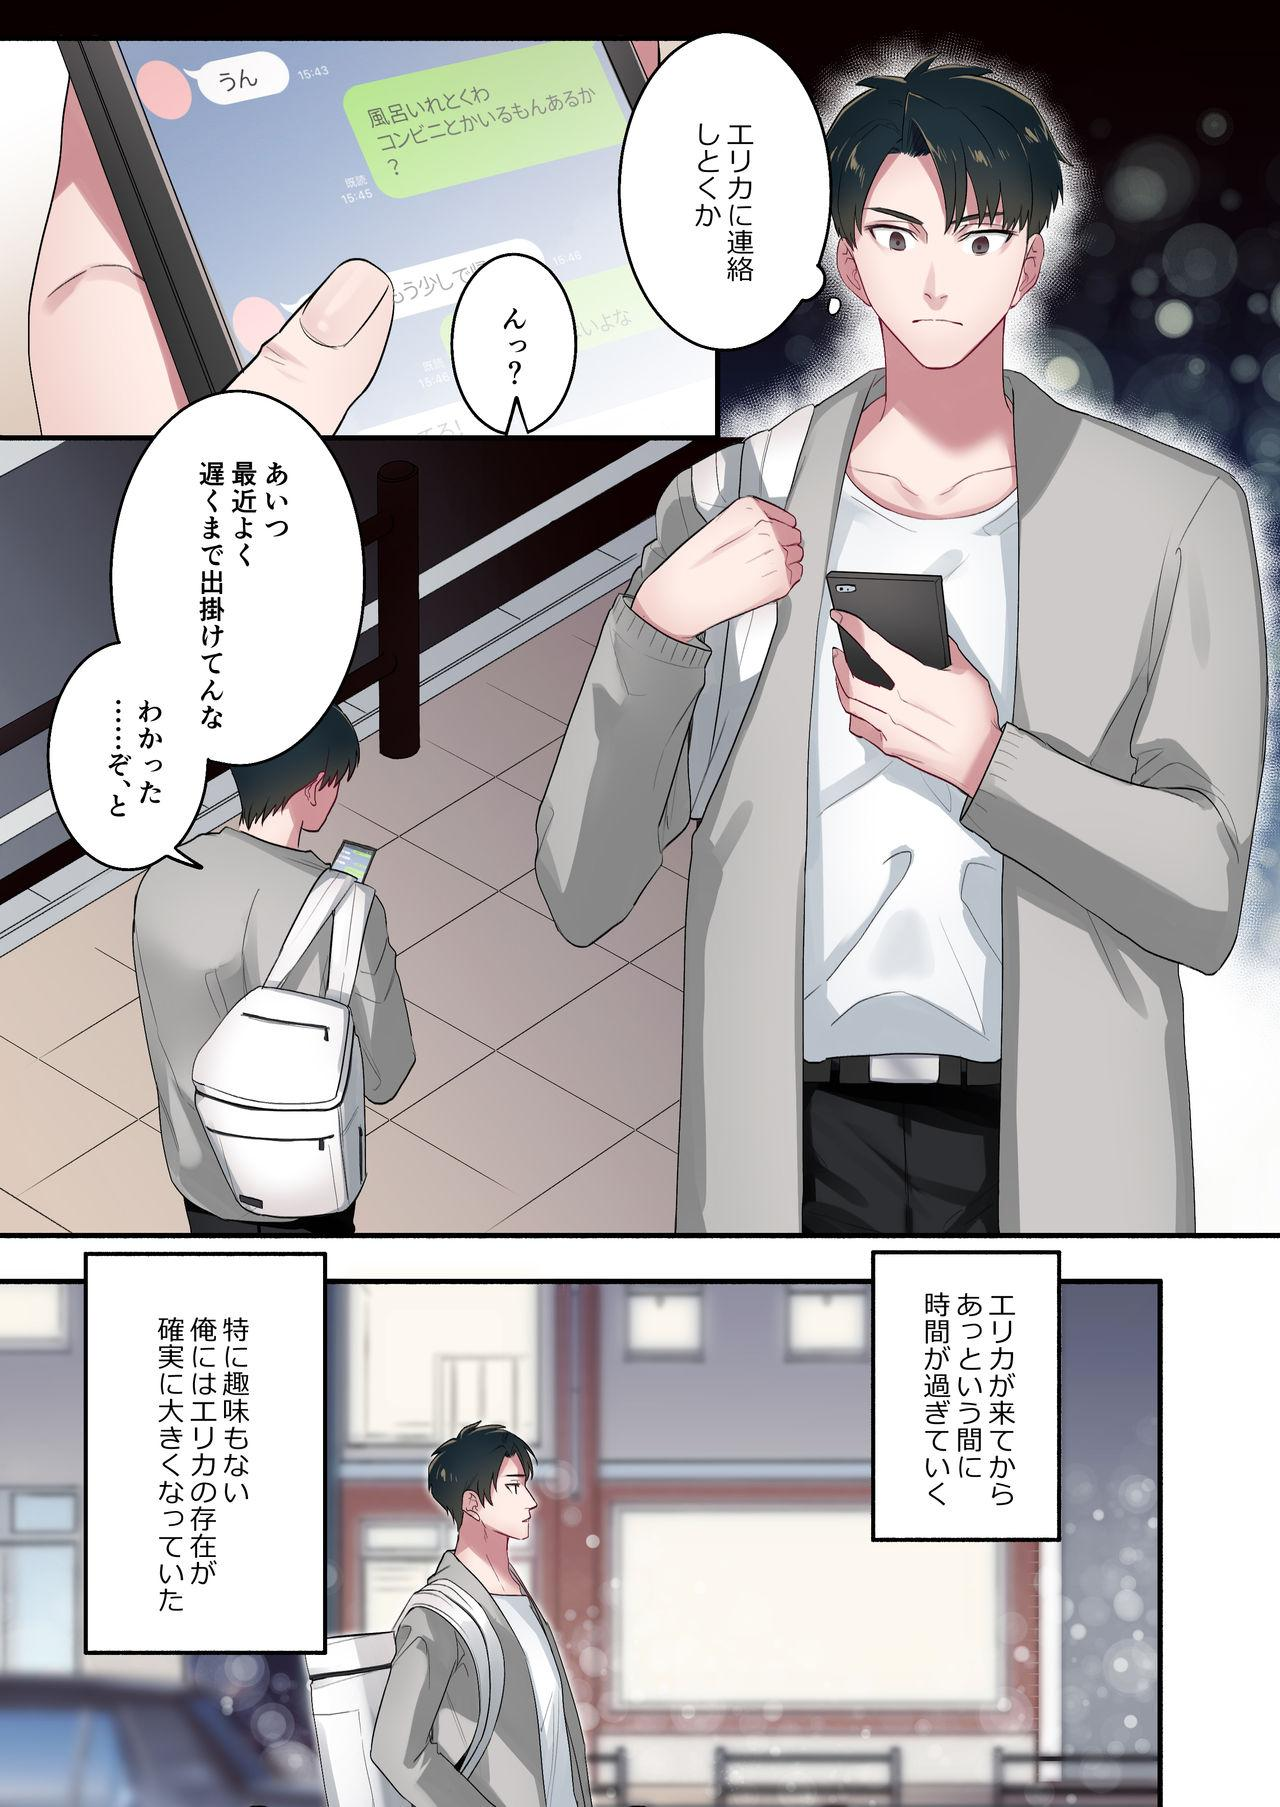 Iede Gal ni Nama Nakadashi Shimakutte, Seishori Dousei Hajimemashita 1~4 Soushuuhen 77